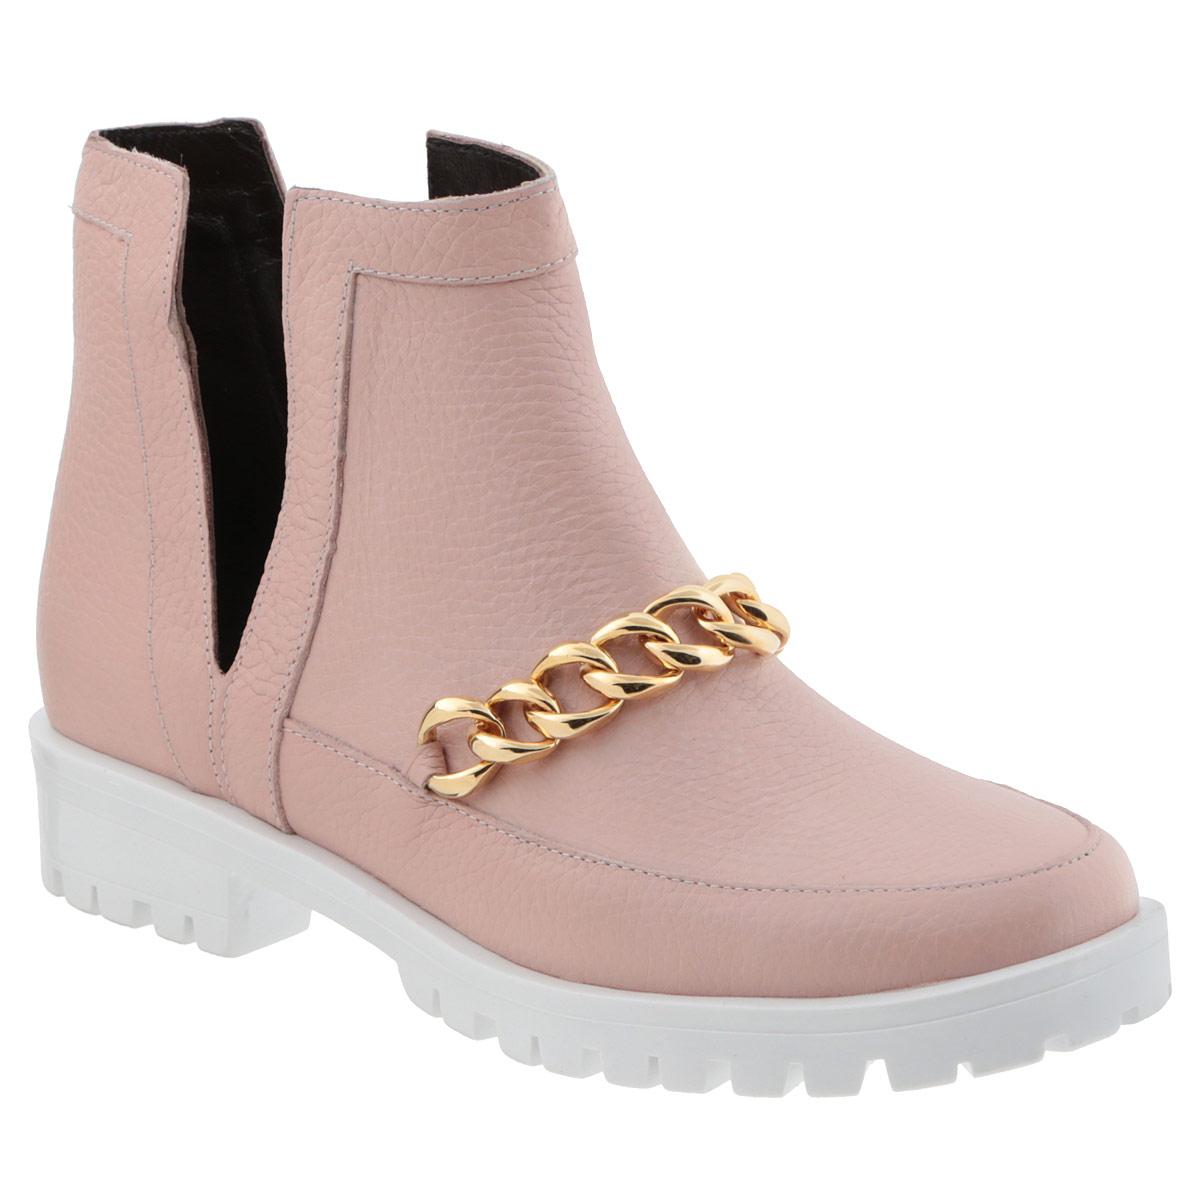 Ботинки женские. D15KB-0226D15KB-0226Оригинальные женские ботинки от Grand Style поразят вас своим дизайном! Модель выполнена из натуральной высококачественной кожи. Подъем оформлен крупной декоративной цепью. Боковые стороны дополнены глубокими V-образными вырезами. Отсутствие застежек компенсировано шириной голенища. Невероятно мягкая стелька из текстиля обеспечивает максимальный комфорт при движении. Каблук и подошва с рифленым протектором не скользят. Эффектные ботинки помогут вам создать яркий, запоминающийся образ и выделиться среди окружающих.